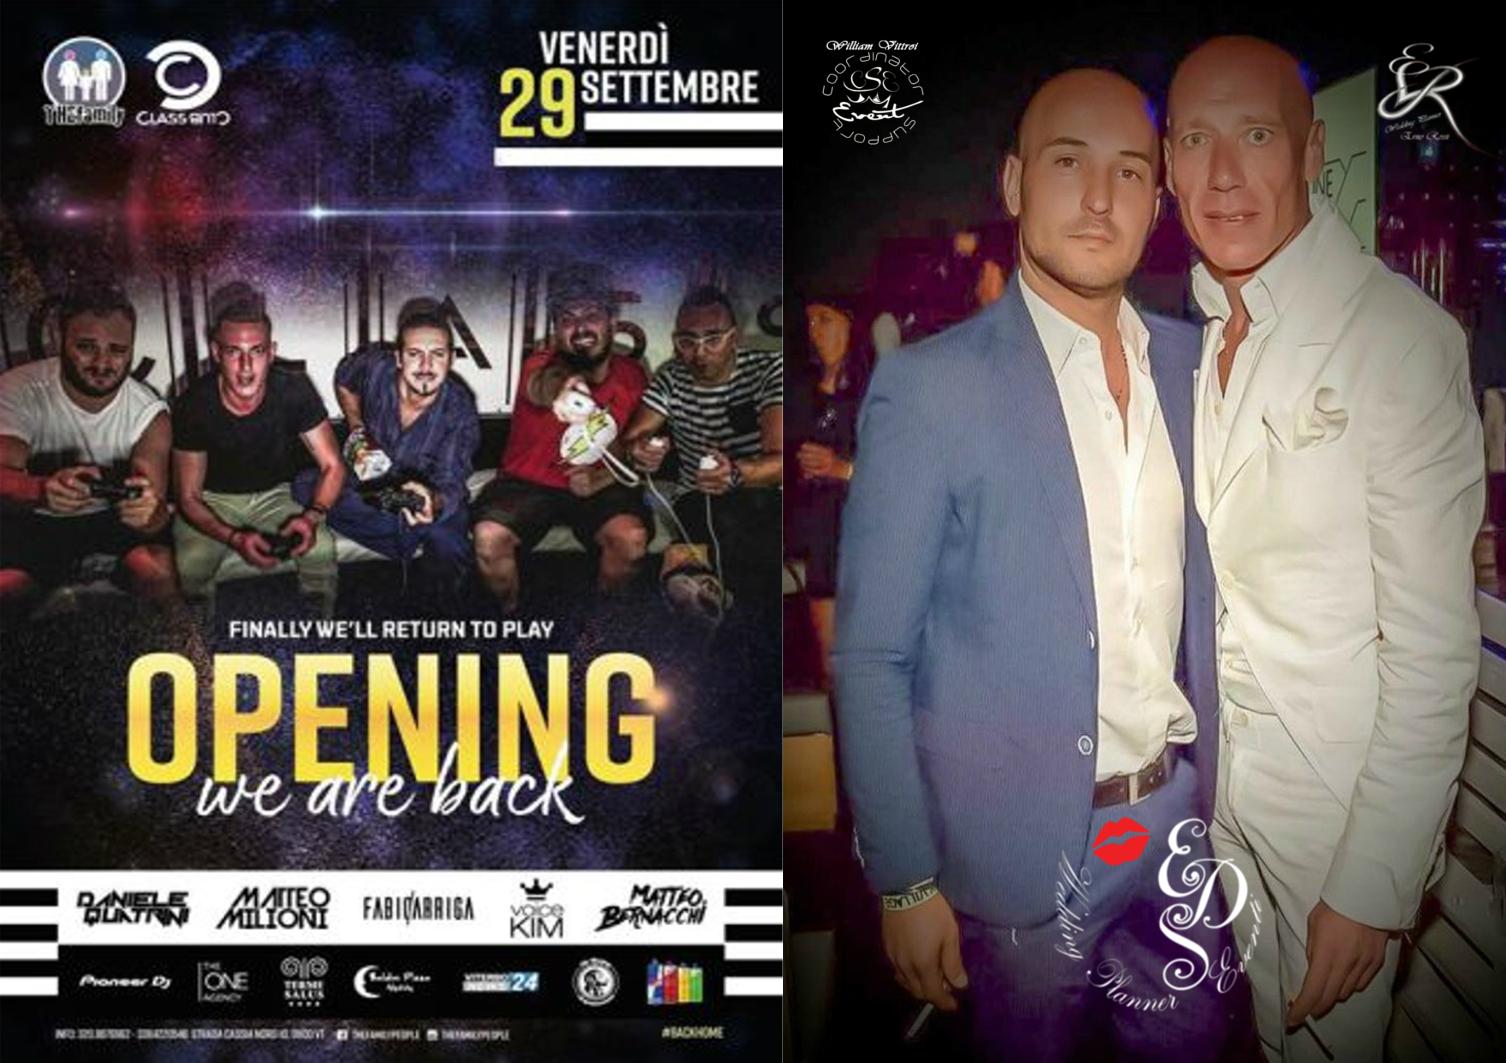 Inaugurazione della discoteca Classclub di Viterbo by Gianni Trombetta  Ospite la Eds WP Eventi nella persona di Erno Rossi & William Vittori.